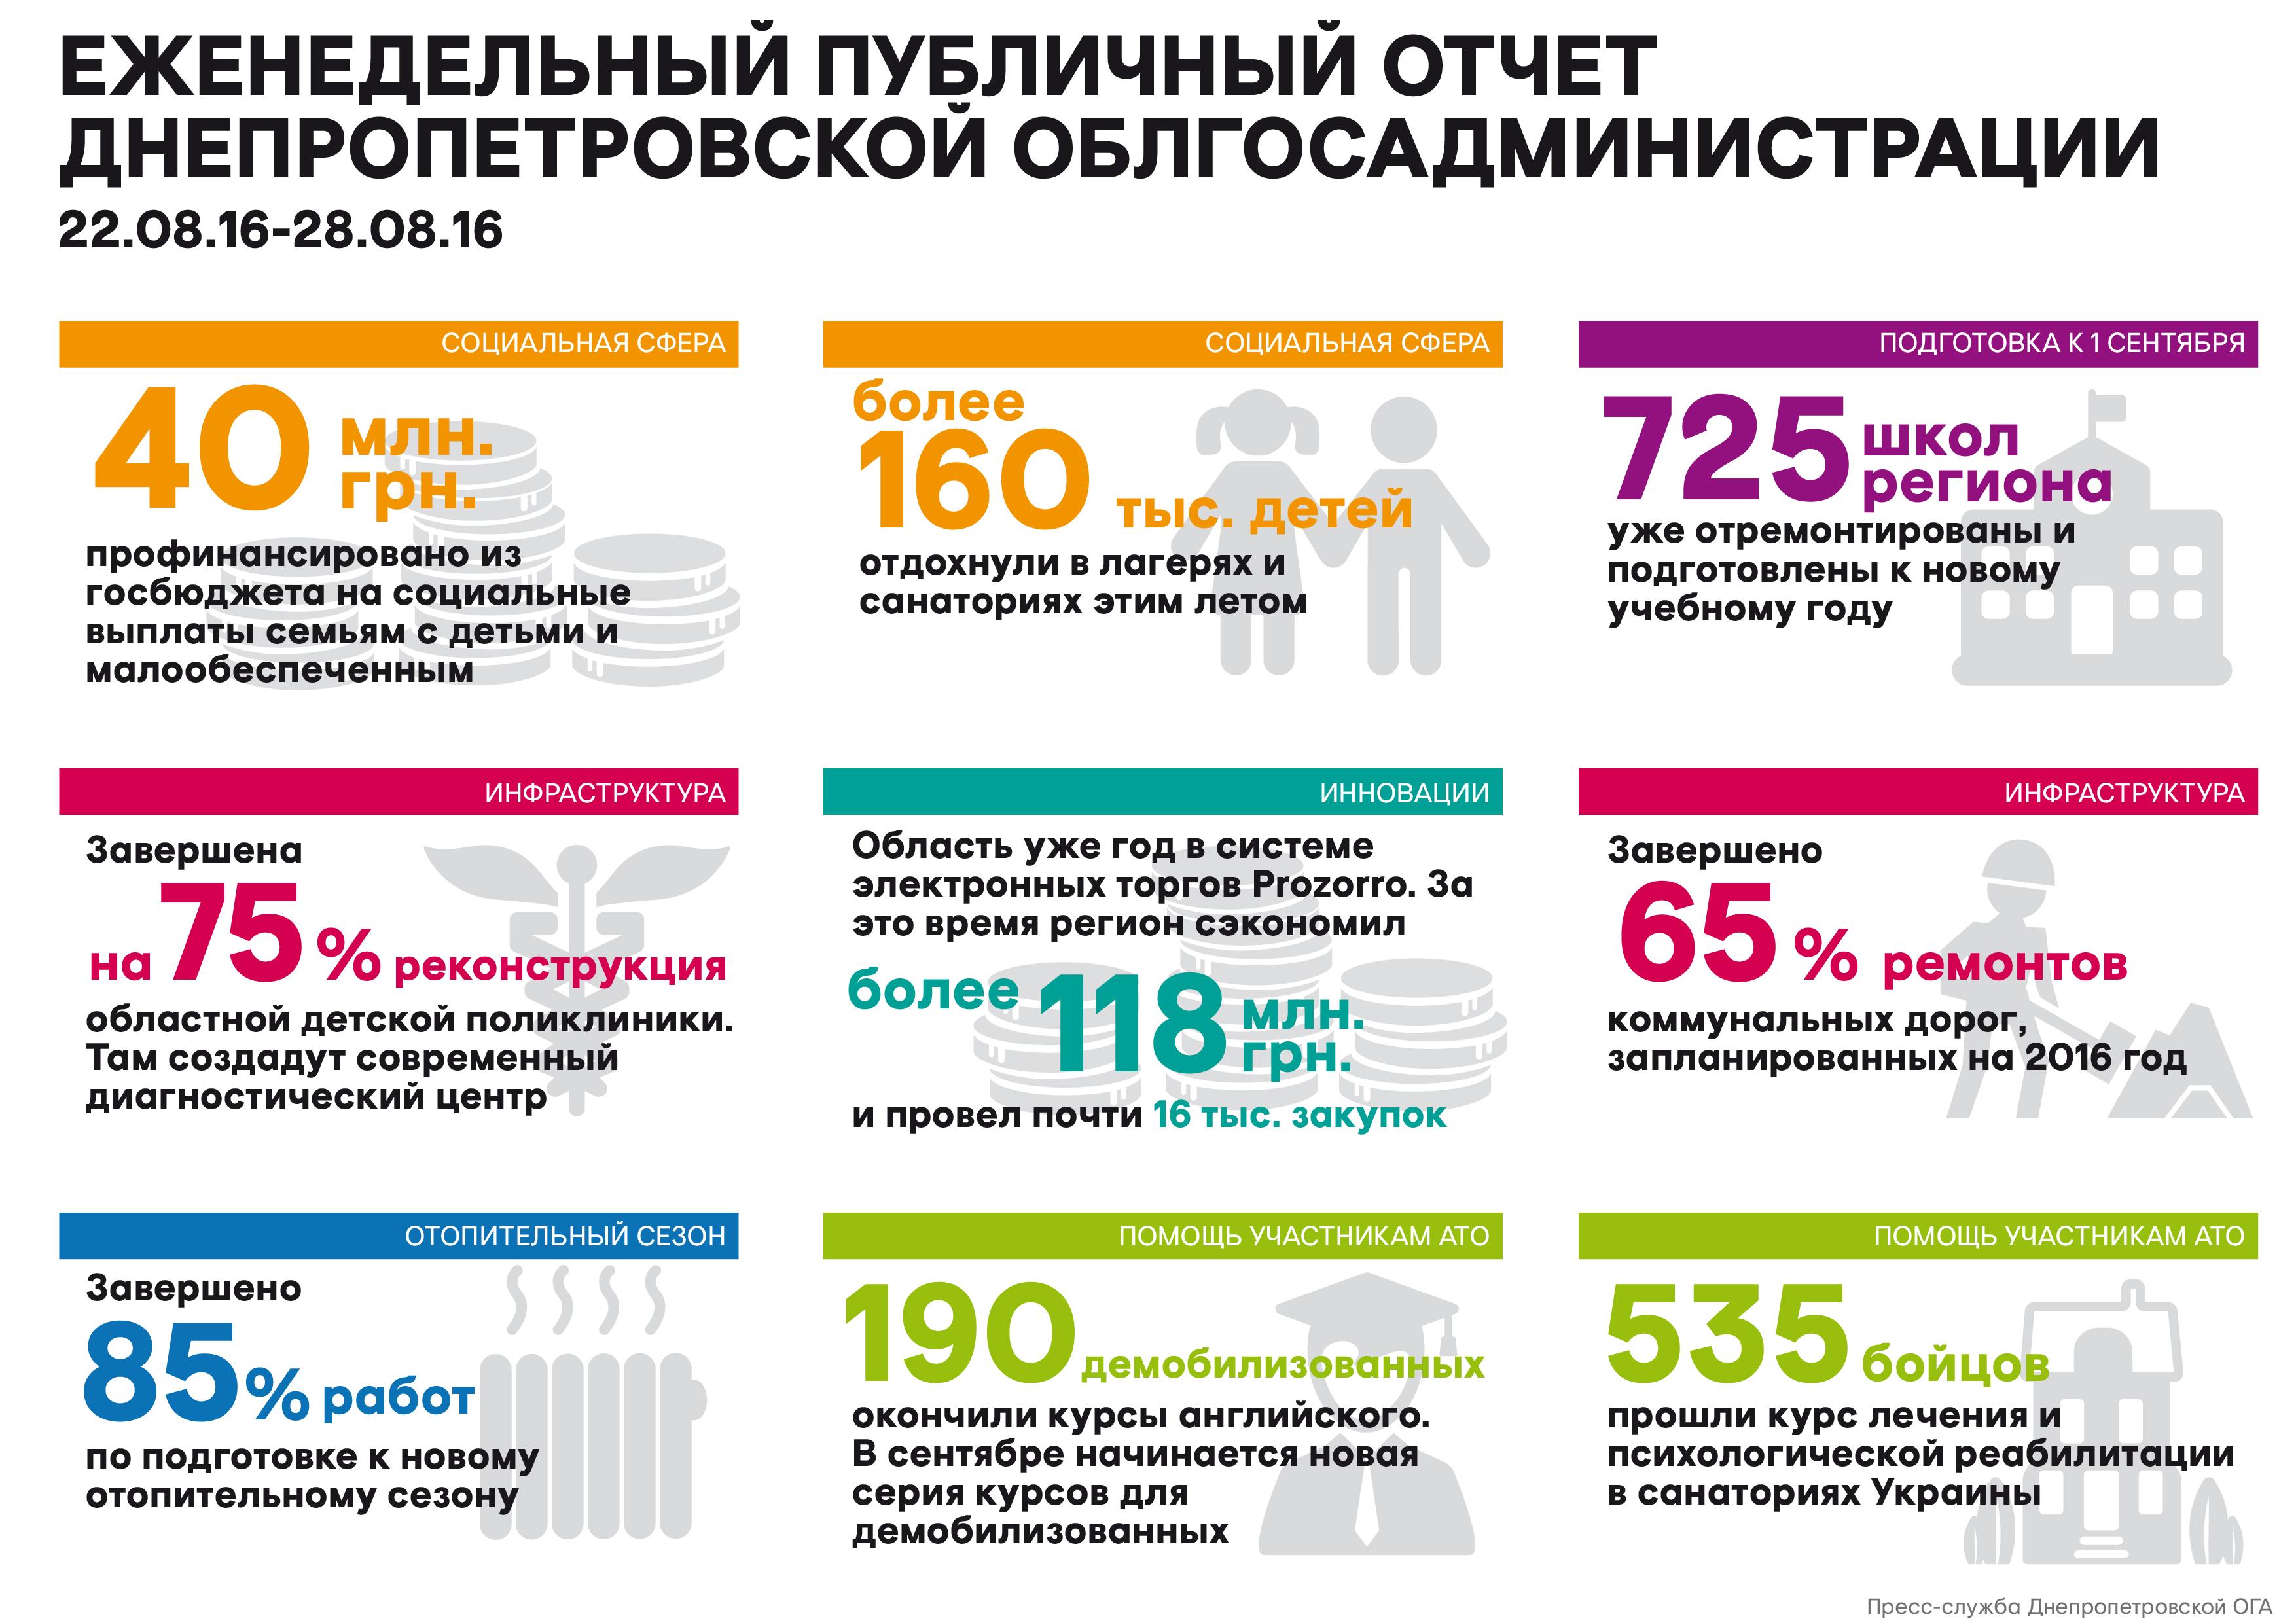 Недельный_отчет_29.08.16_рус_01-01